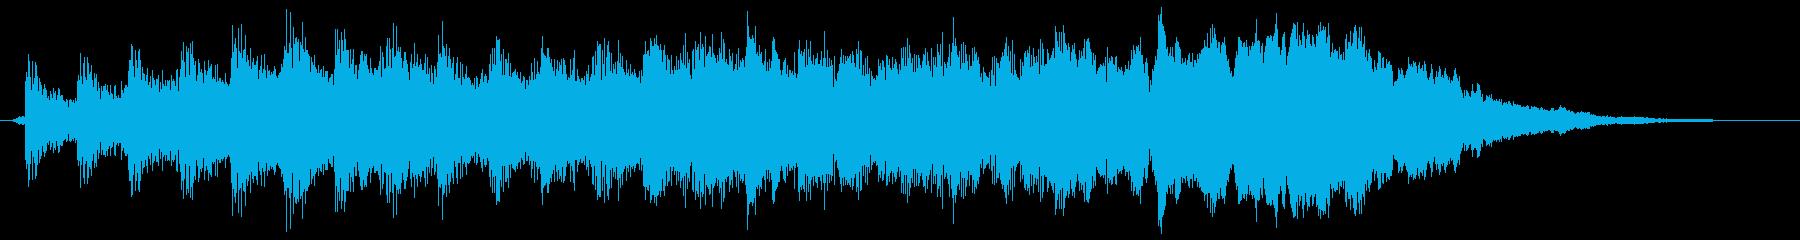 シンセサイザーの爽やかサウンドロゴの再生済みの波形